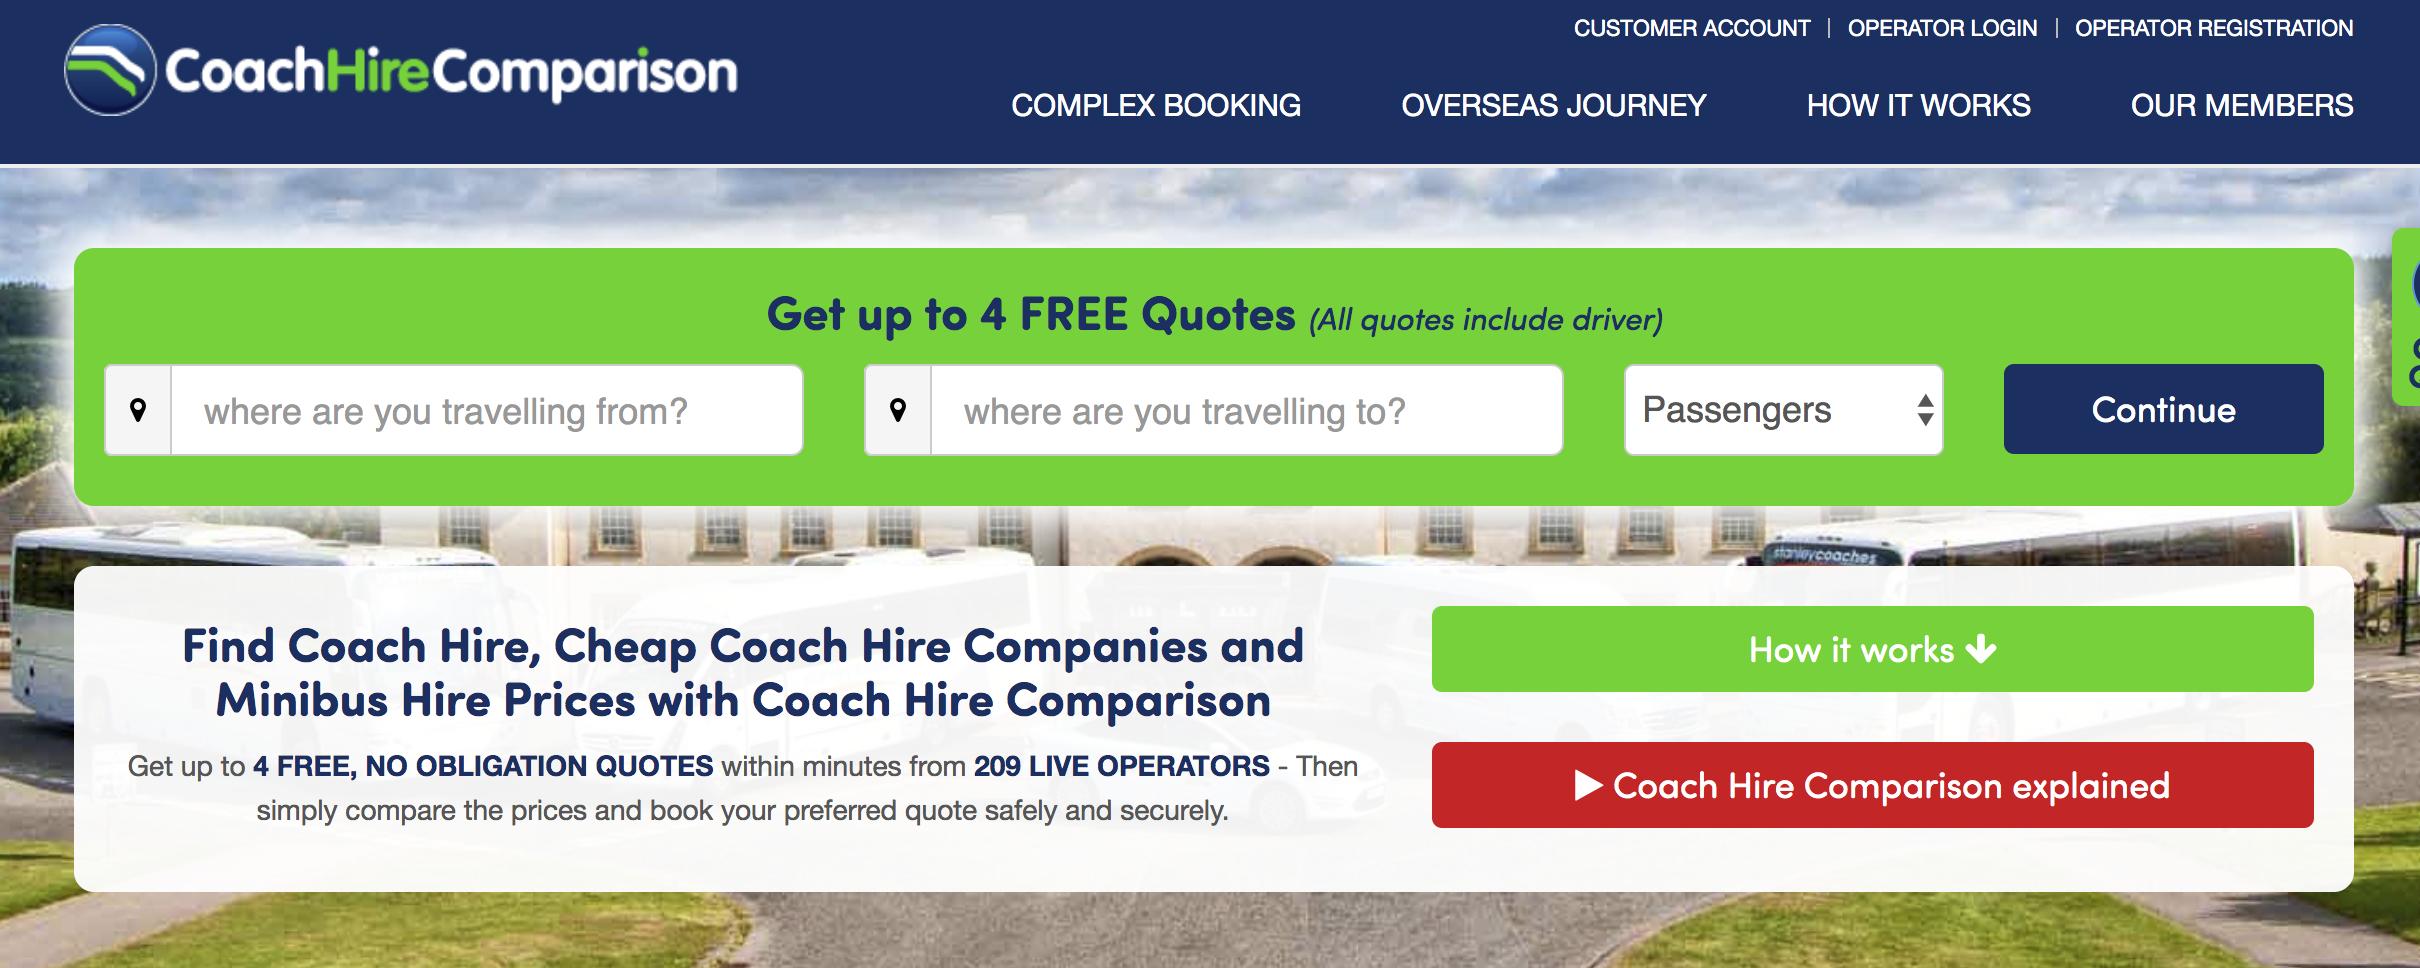 Coach Hire Comparison – a case study